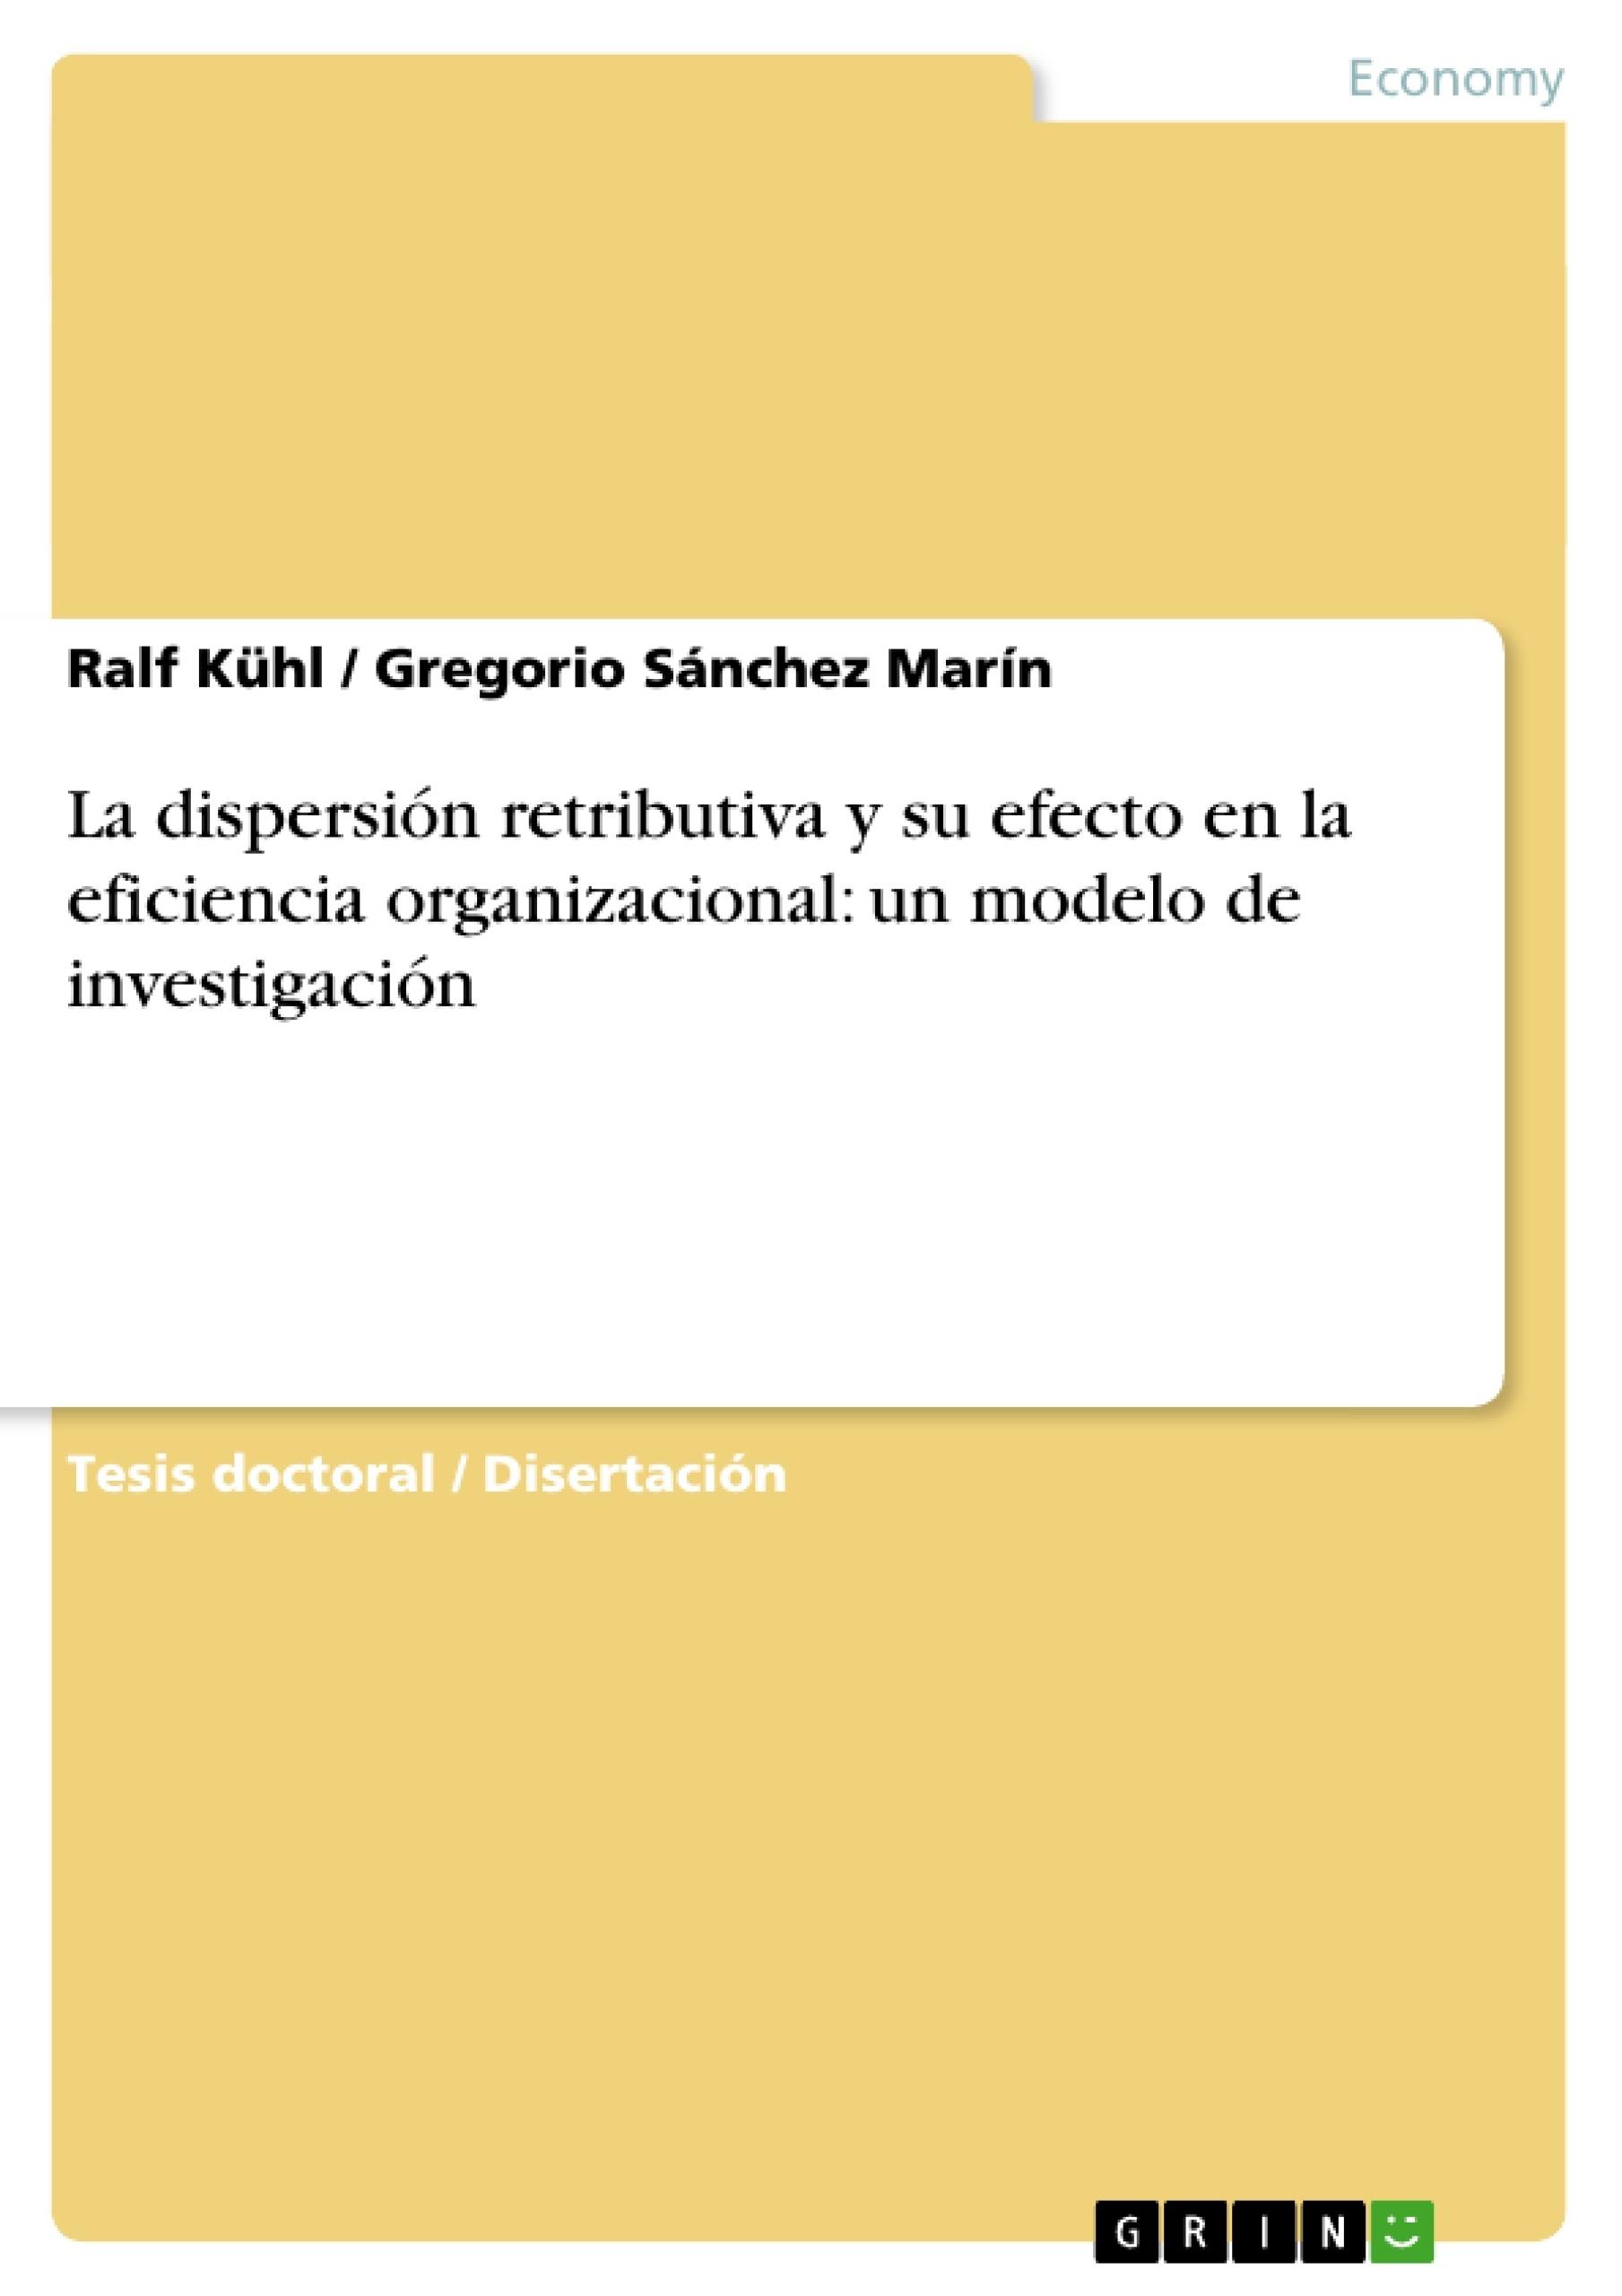 Título: La dispersión retributiva y su efecto en la eficiencia organizacional: un modelo de investigación